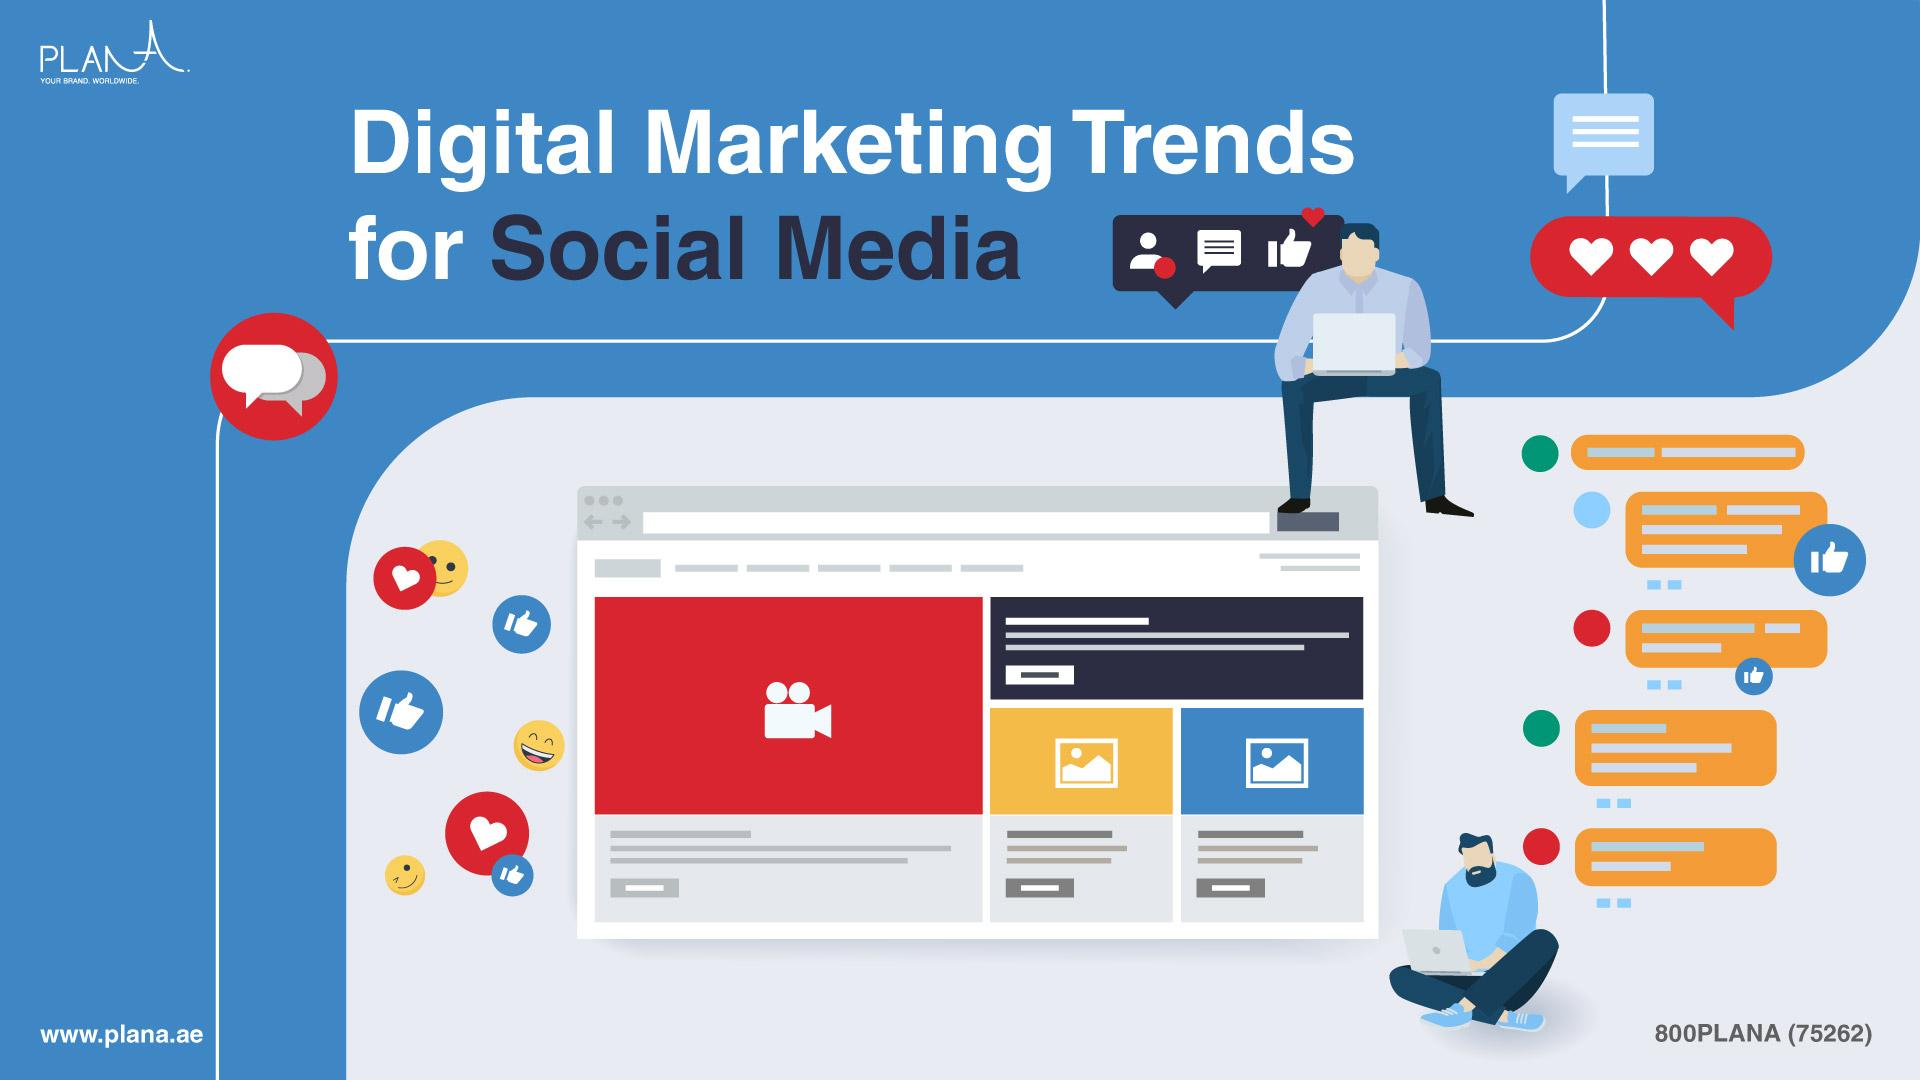 Digital Marketing Trends for Social Media